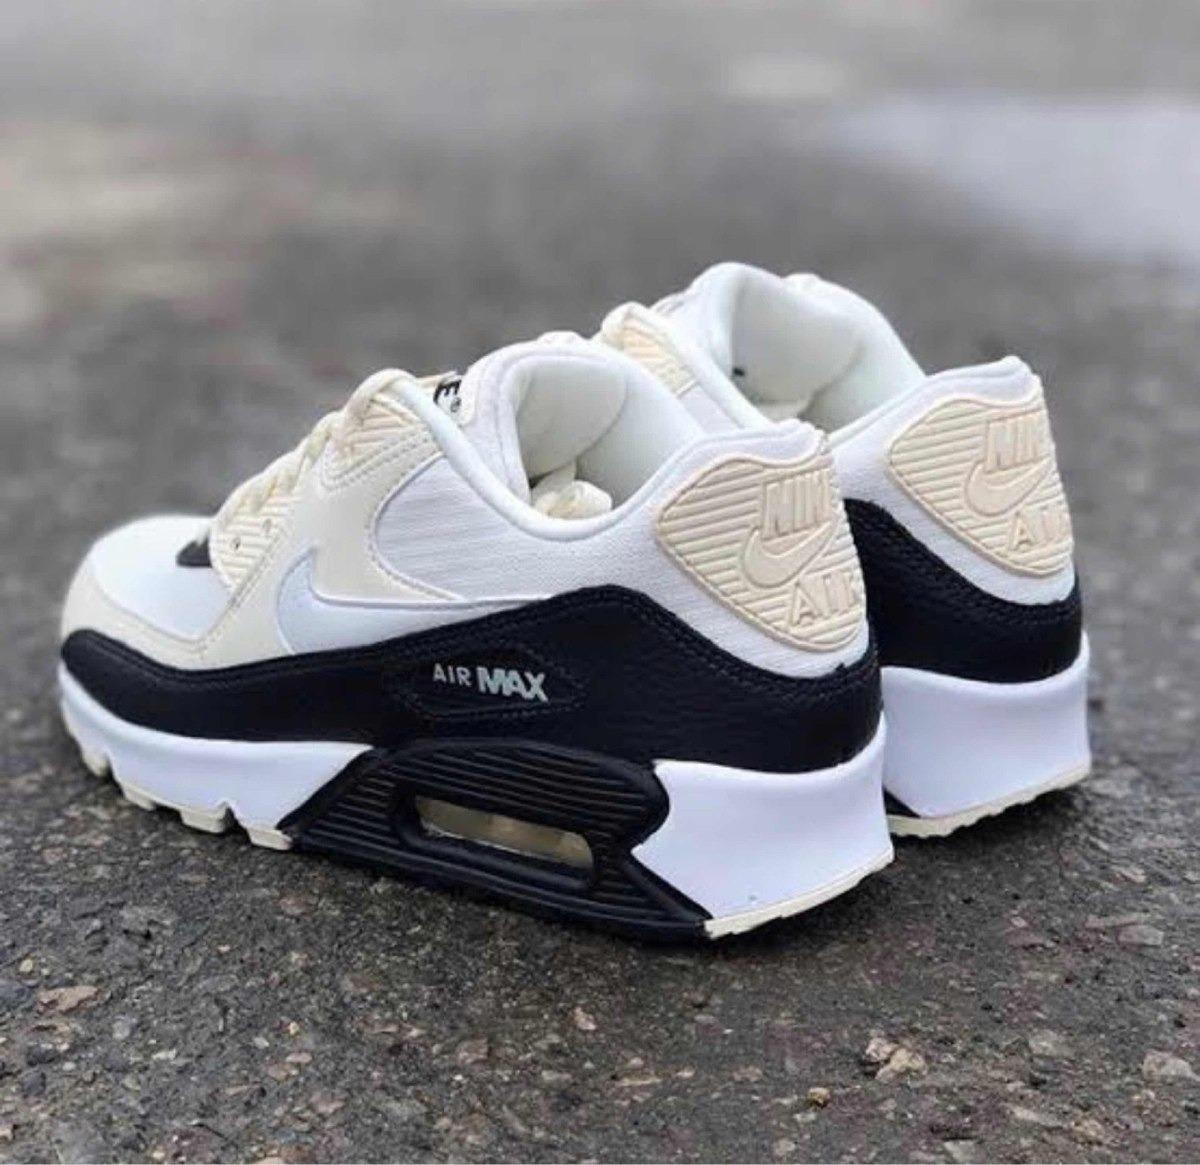 venta al por mayor Tenis Nike Air Max 90 Cremanegro # 24 Y